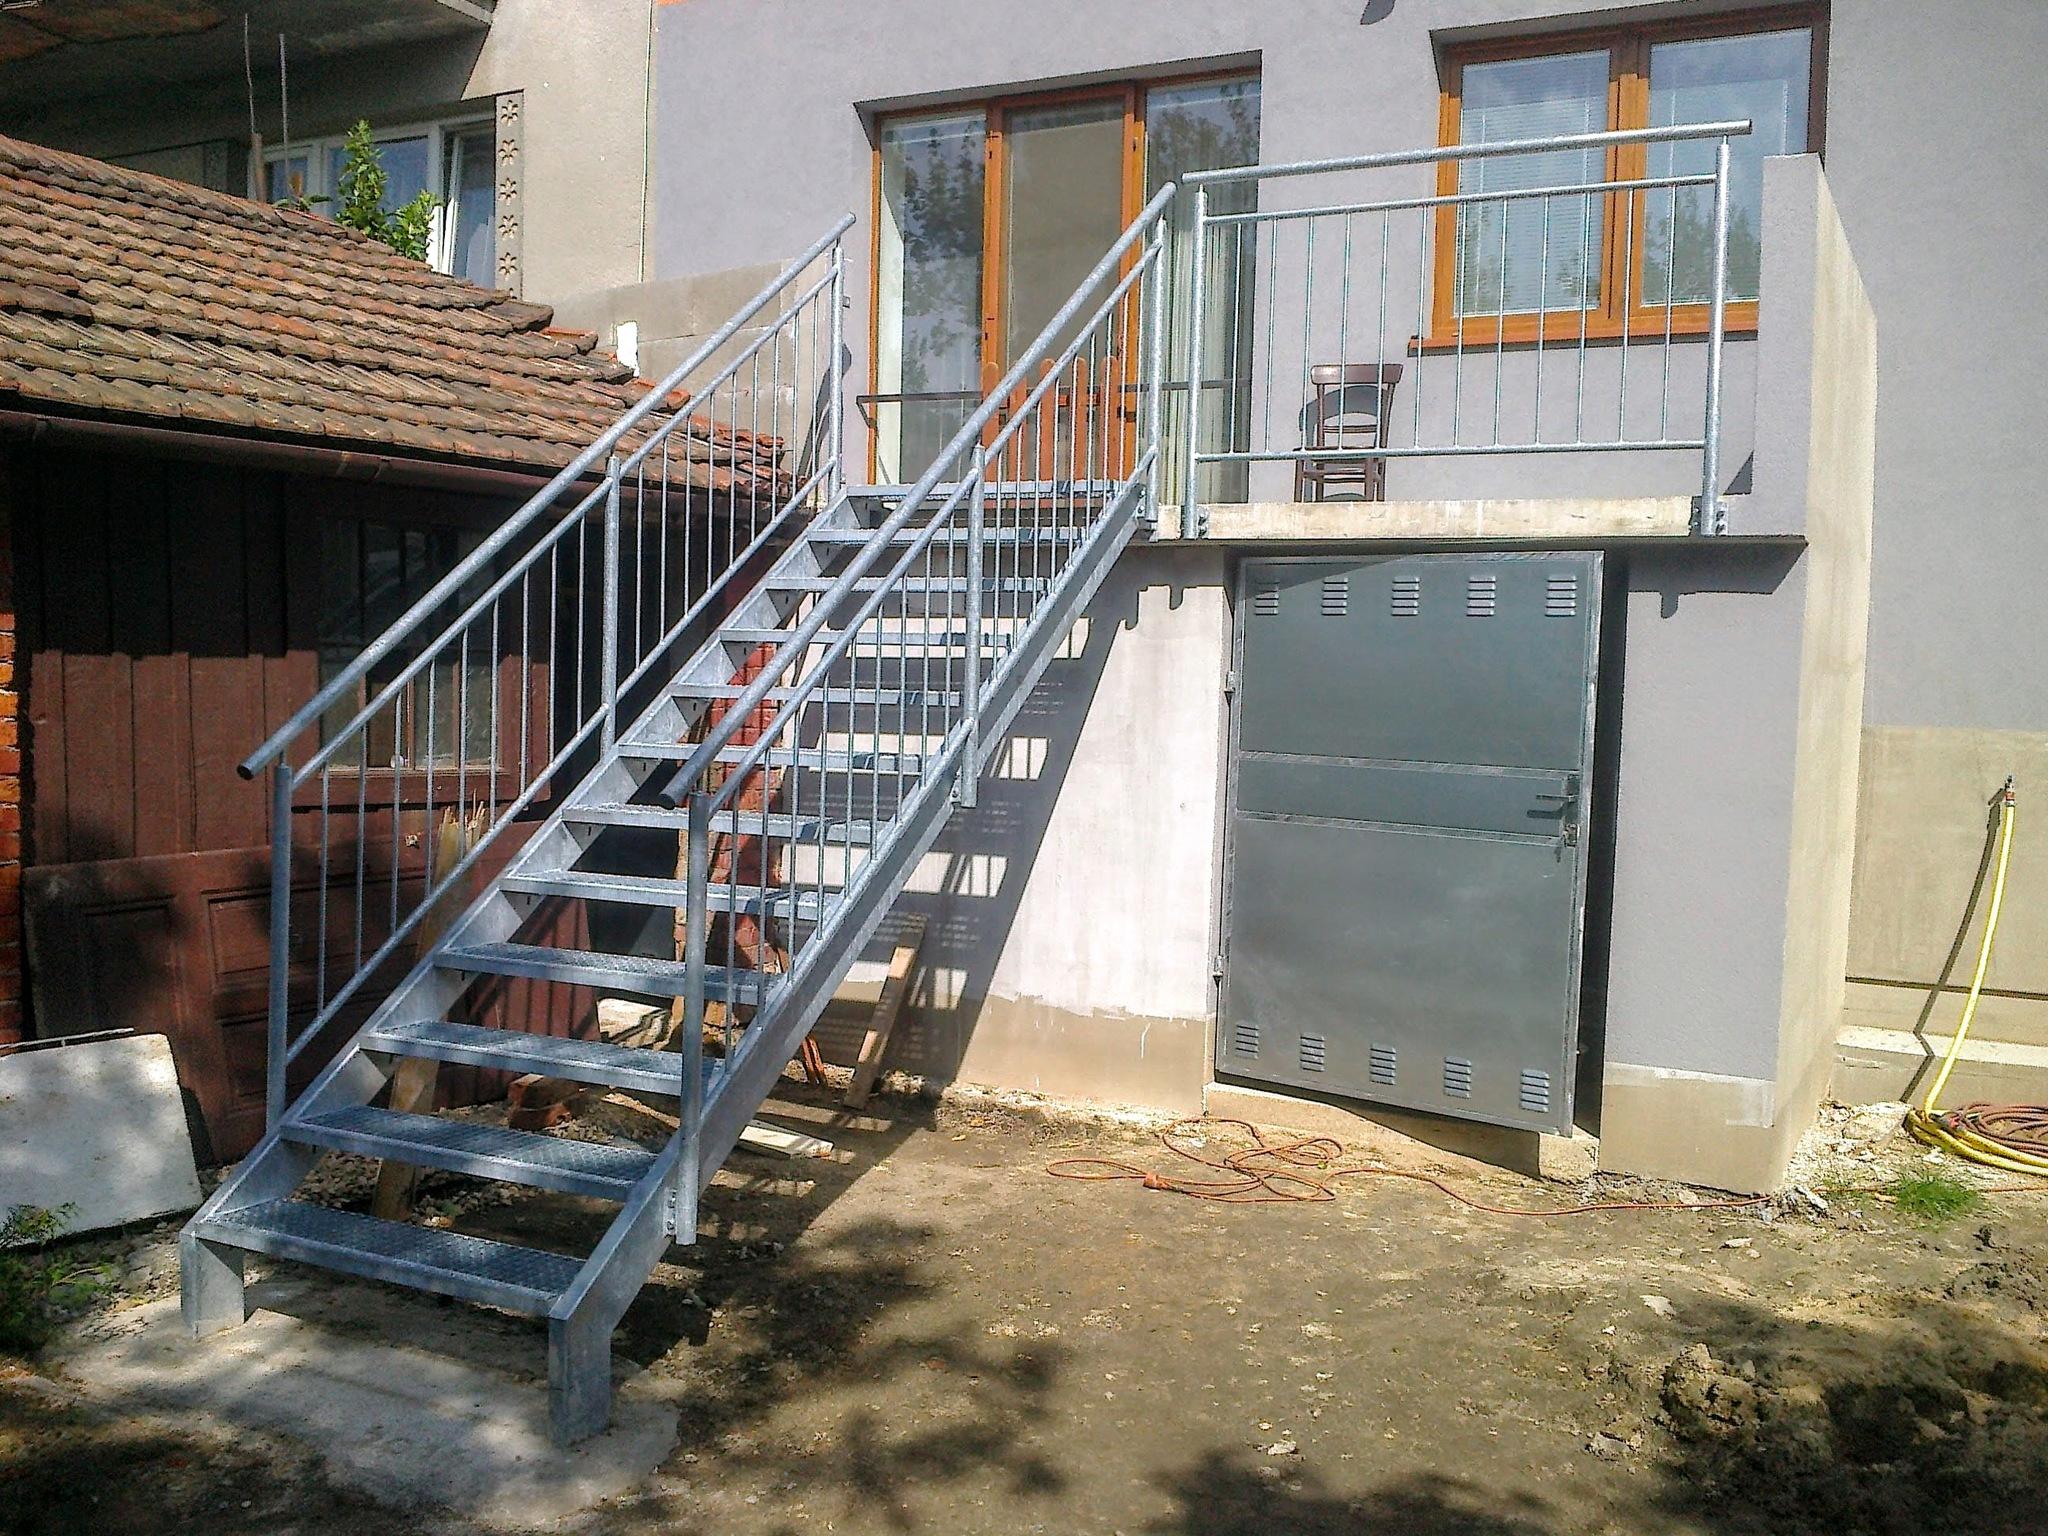 Treppen mit Gittern, Geländern und Türen, feuerverzinktes